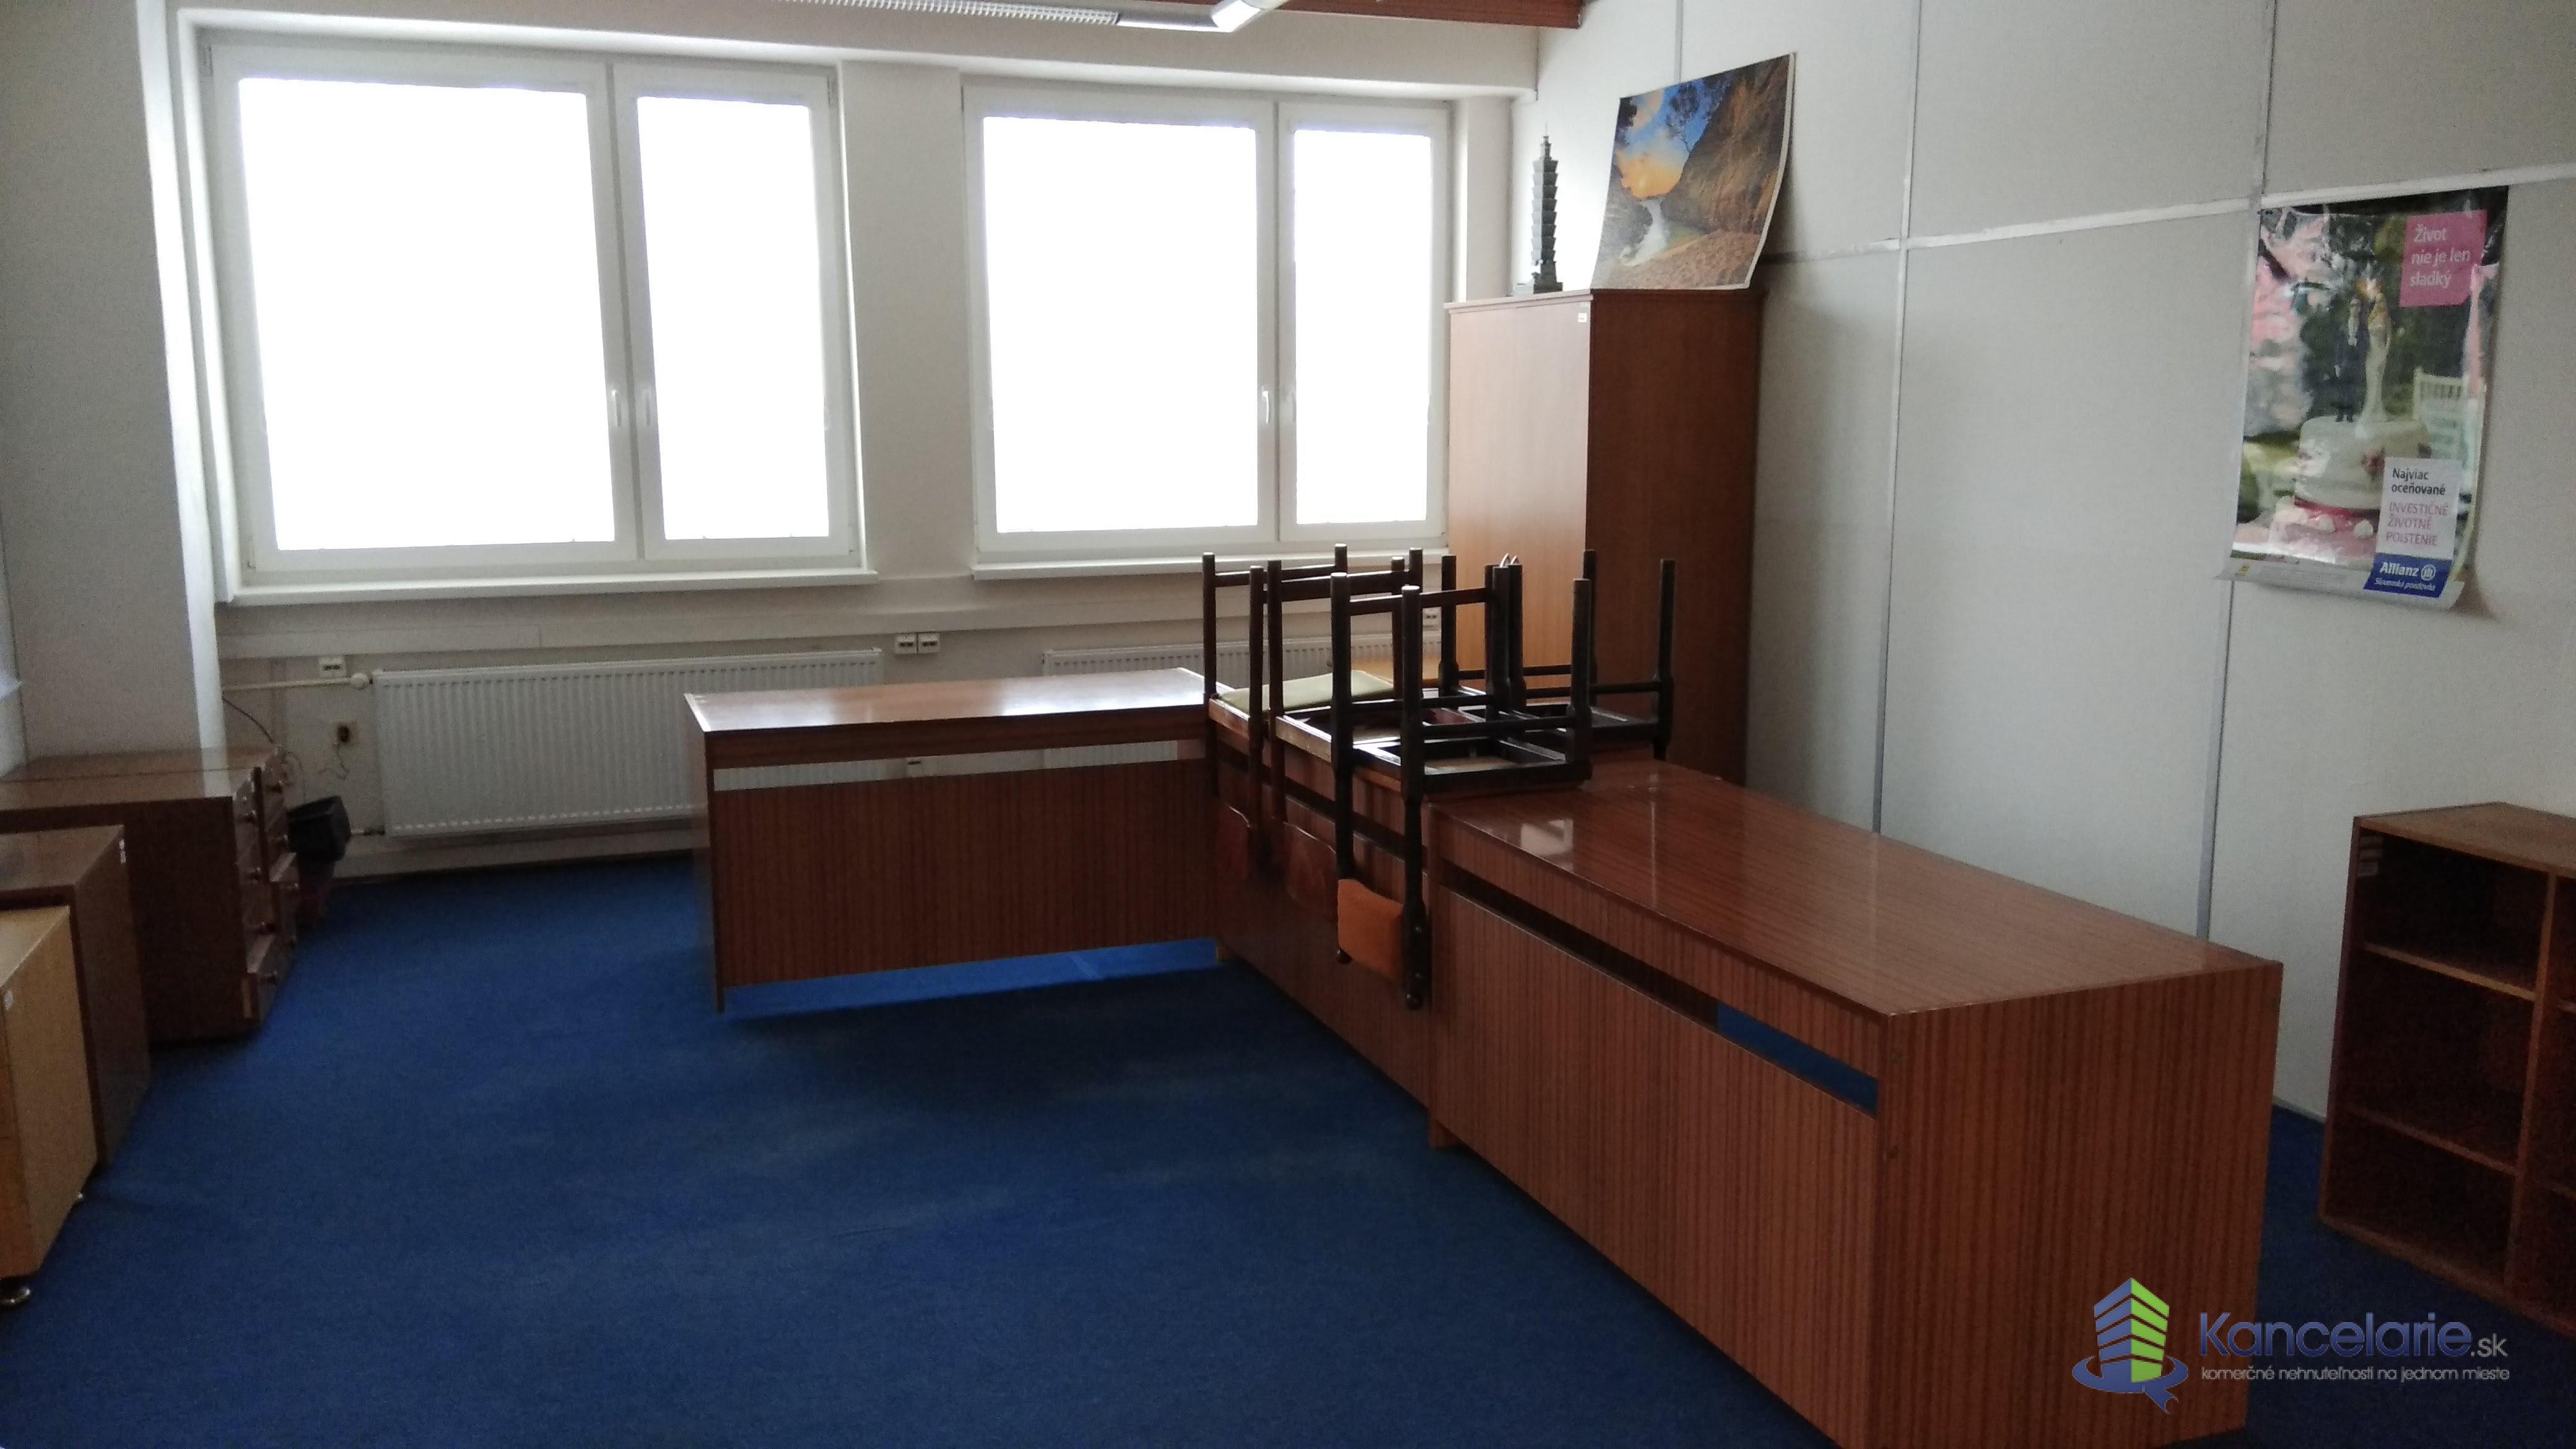 Allianz - Slovenská poisťovňa, a.s., Kancelária 206, Záhradnícka 24, Prievidza